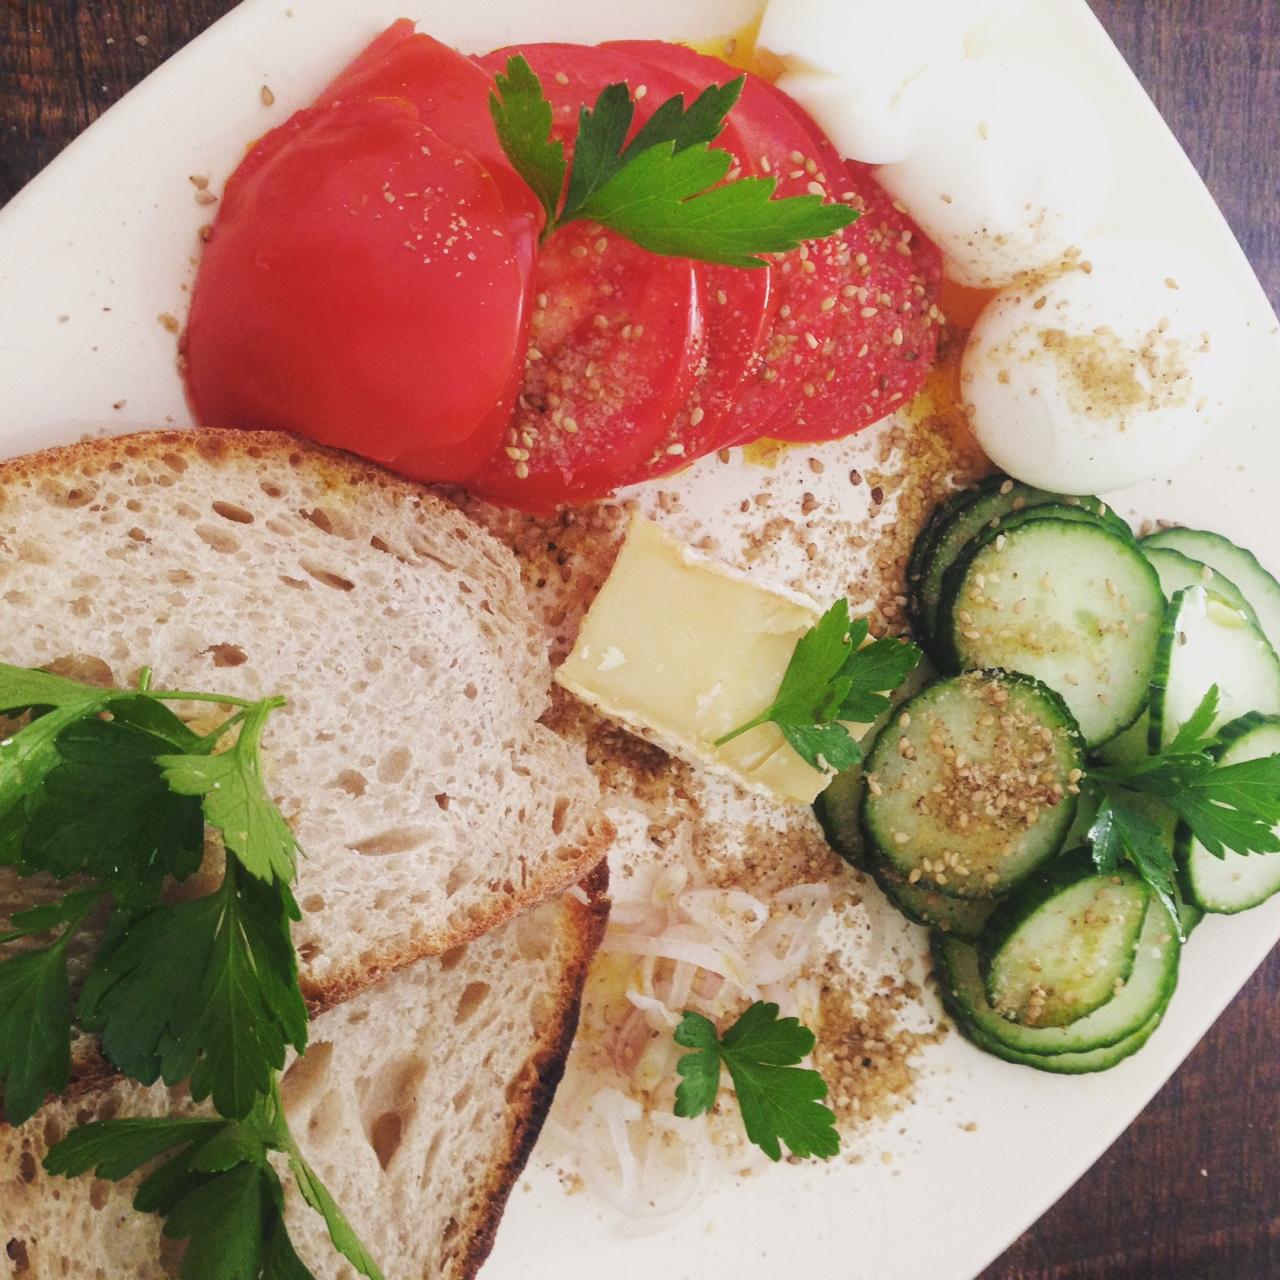 Quoi manger en cas de faim en dehors des repas ?